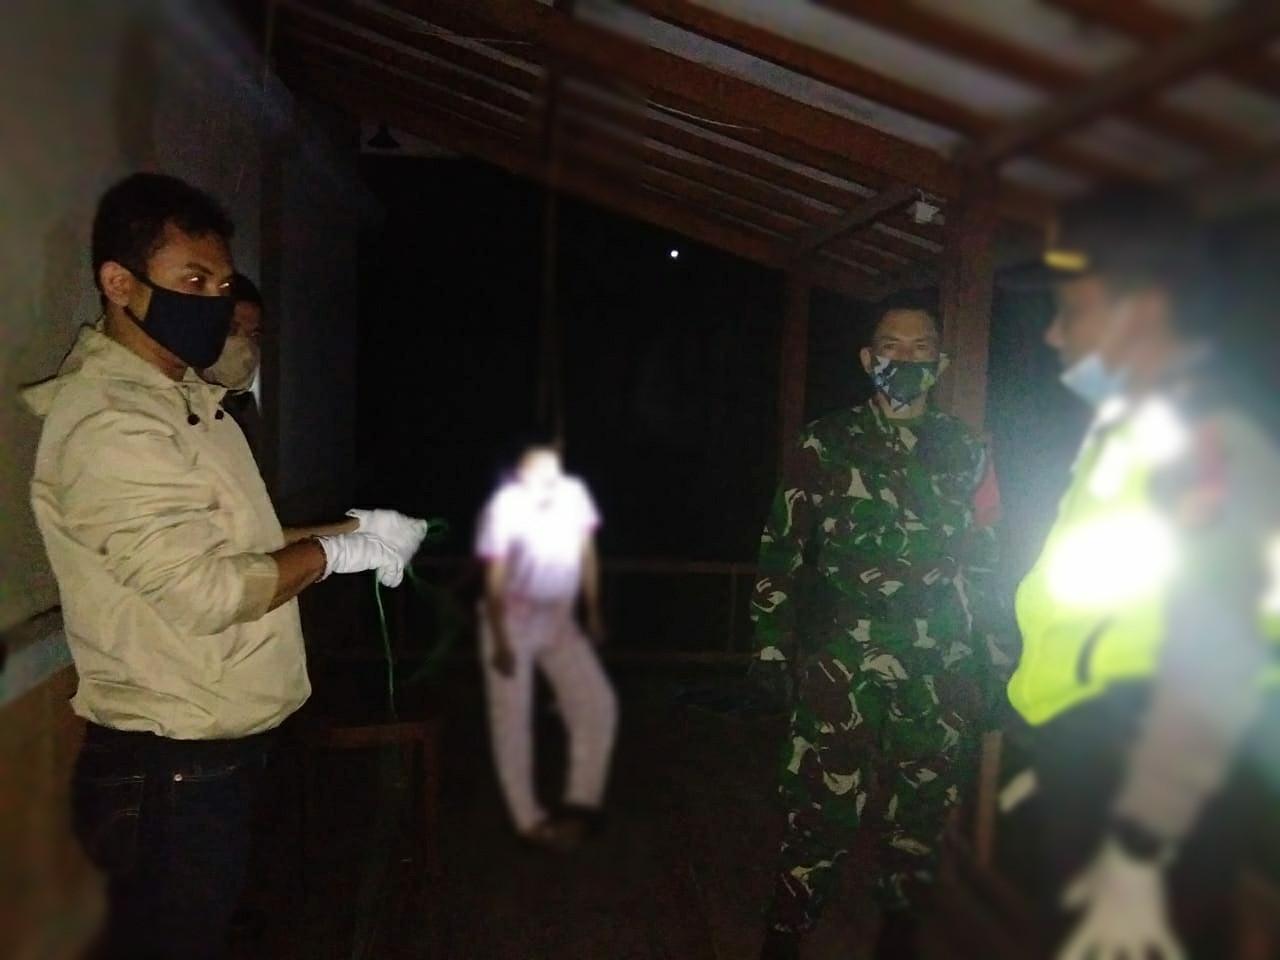 Malam-malam Iyan dan Asep Melihat Sesuatu dari Vila Blok N 9 Kota Bunga, Geger - JPNN.com